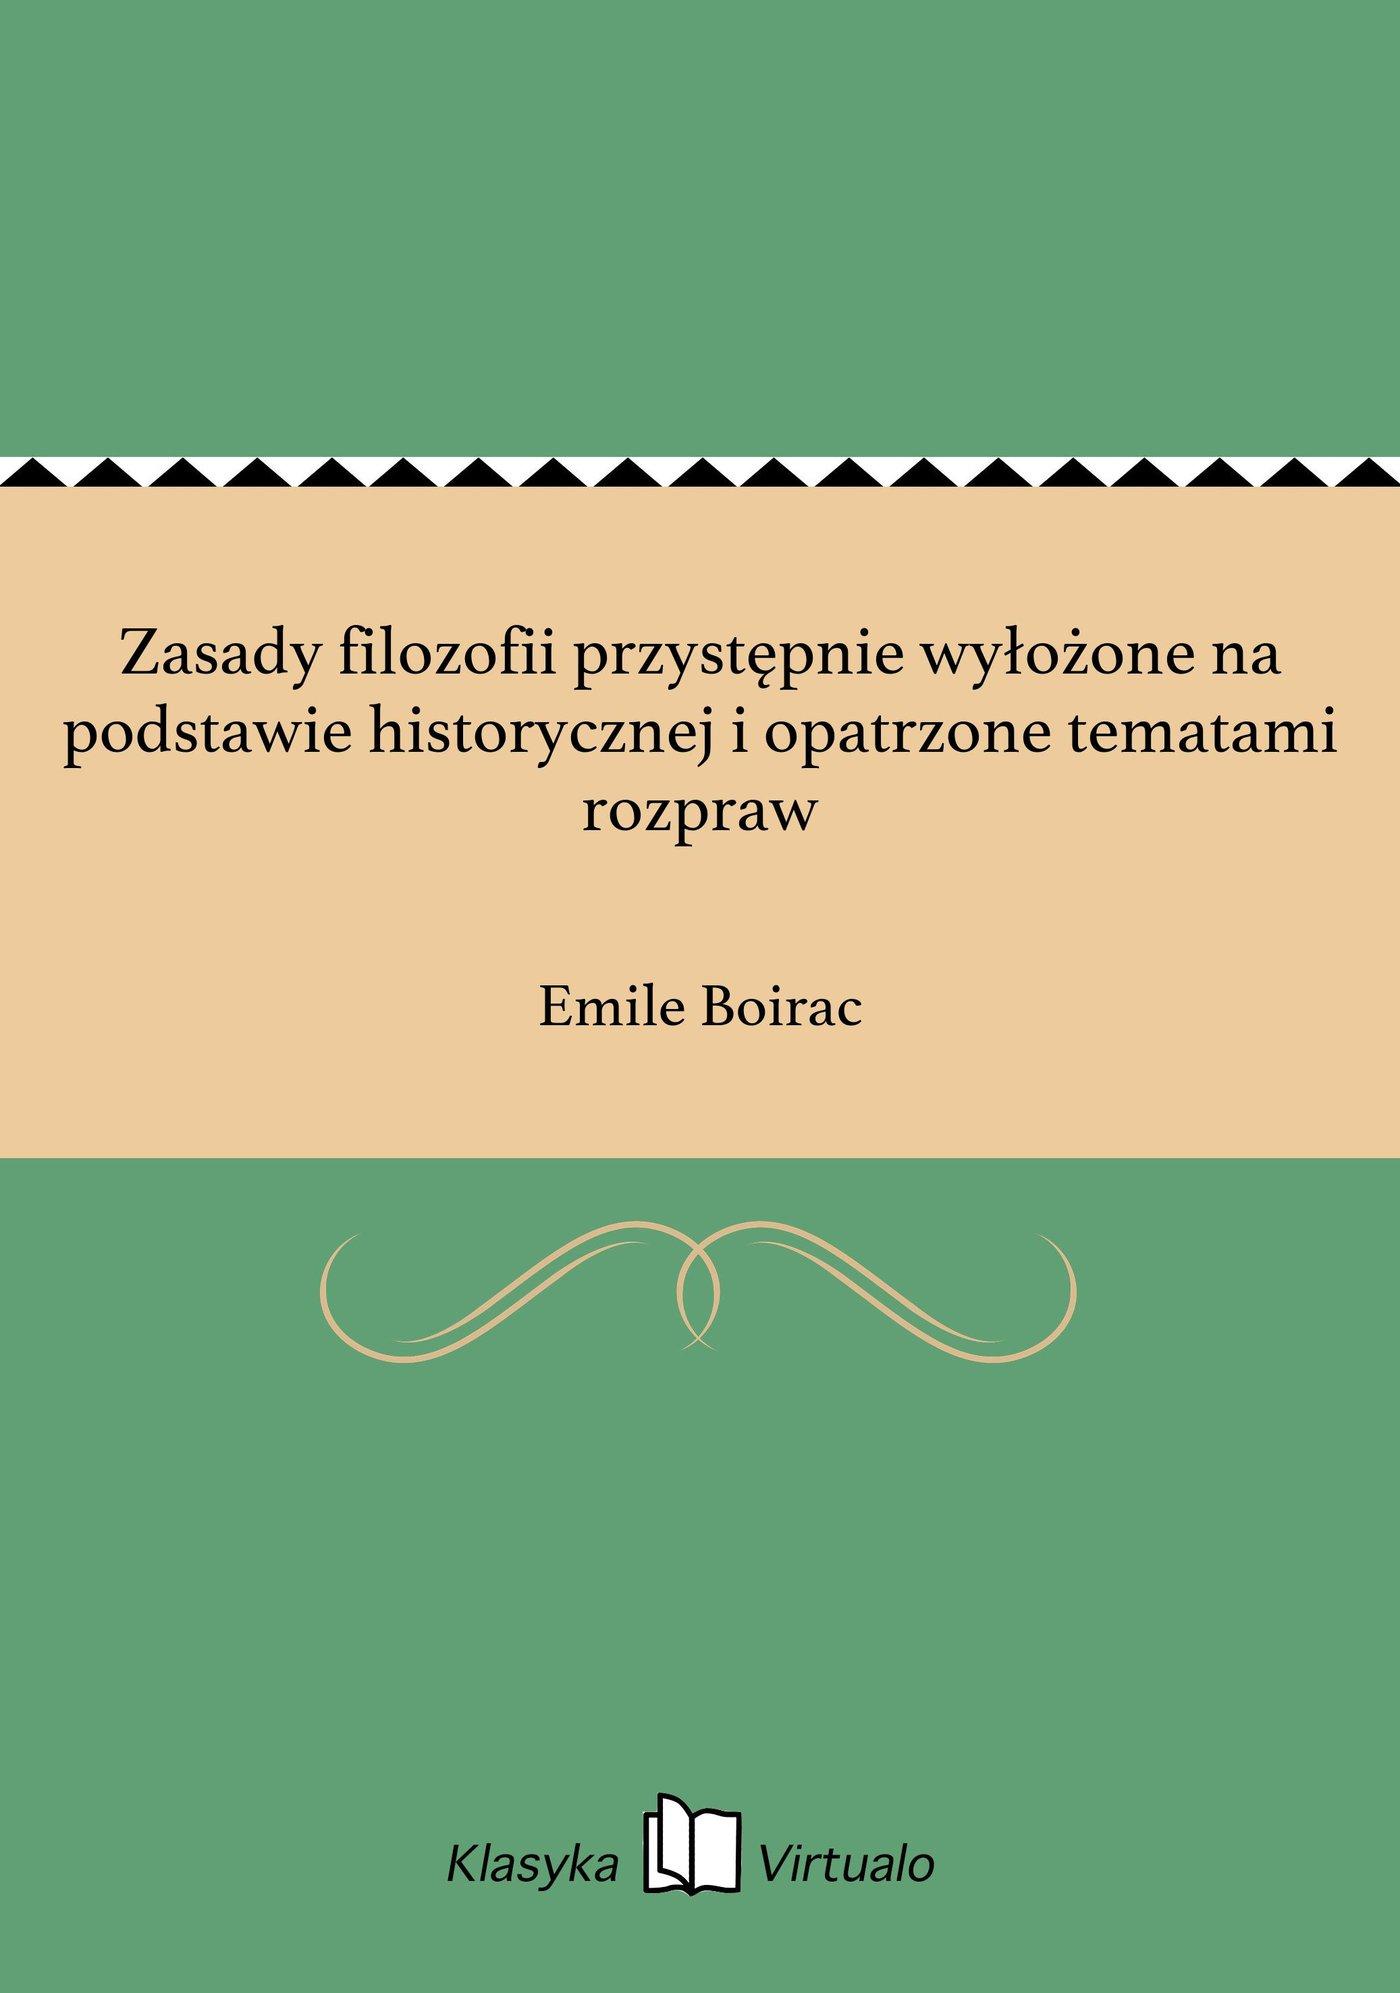 Zasady filozofii przystępnie wyłożone na podstawie historycznej i opatrzone tematami rozpraw - Ebook (Książka EPUB) do pobrania w formacie EPUB